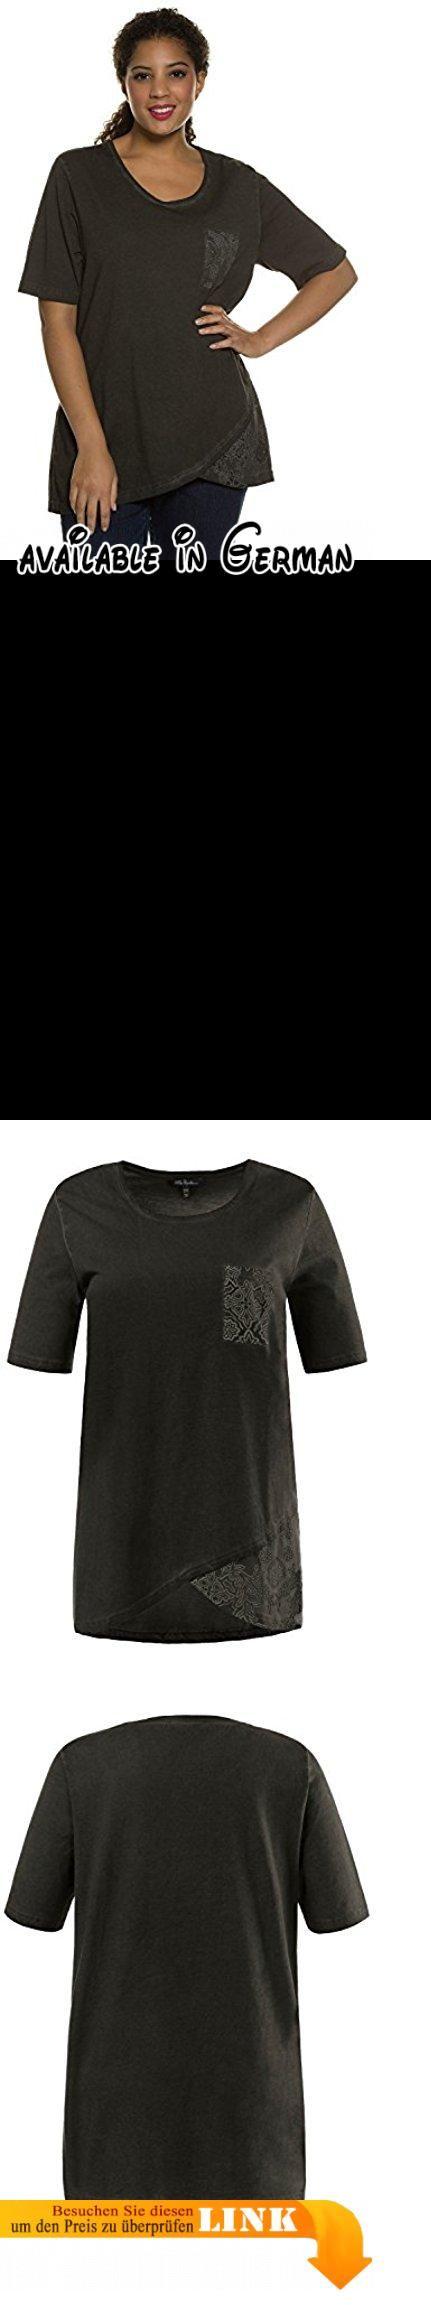 Ulla Popken Damen große Größen bis 60   T-Shirt   Longshirt aus 100 % Baumwolle   Langes Oberteil mit Halbarm, Rundhals & Brusttasche   Asymmetrisch   schwarz 42/44 704873 10-42+. <p>Lässiges Longshirt in schwarz aus reinem Cotton und im langen Schnitt. </p><p>Das Shirt lässt sich top zur Jeans, Leggins oder auch zu einem coolen Jeansrock kombinieren. </p><p>Der asymmetrische Schnitt ist besonders interessant da die Passform gerade geschnitten ist aber der Schnitt dem